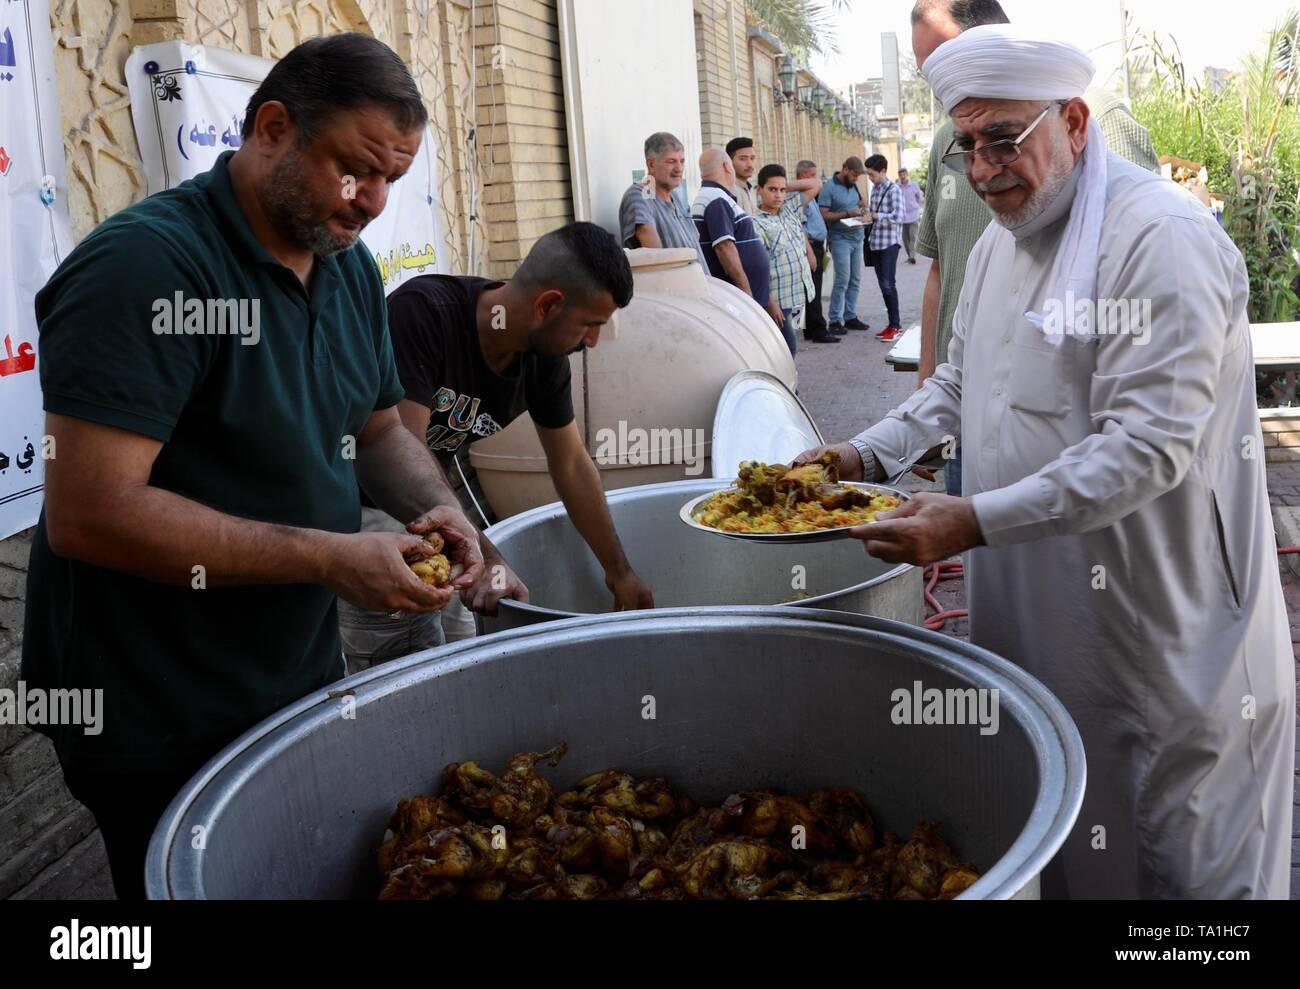 Baghdad in Iraq. 21 Maggio, 2019. La gente di preparare il cibo per la distribuzione a Abu Hanifa moschea di Baghdad, Iraq, il 21 maggio 2019. Nel tardo pomeriggio di martedì, centinaia di iracheni formata una lunga coda a Abu Hanifa moschea a nord di Bagdad, in attesa di ricevere Iftar pasti offerti dall'ambasciata cinese in Iraq. Credito: Khalil Dawood/Xinhua/Alamy Live News Immagini Stock